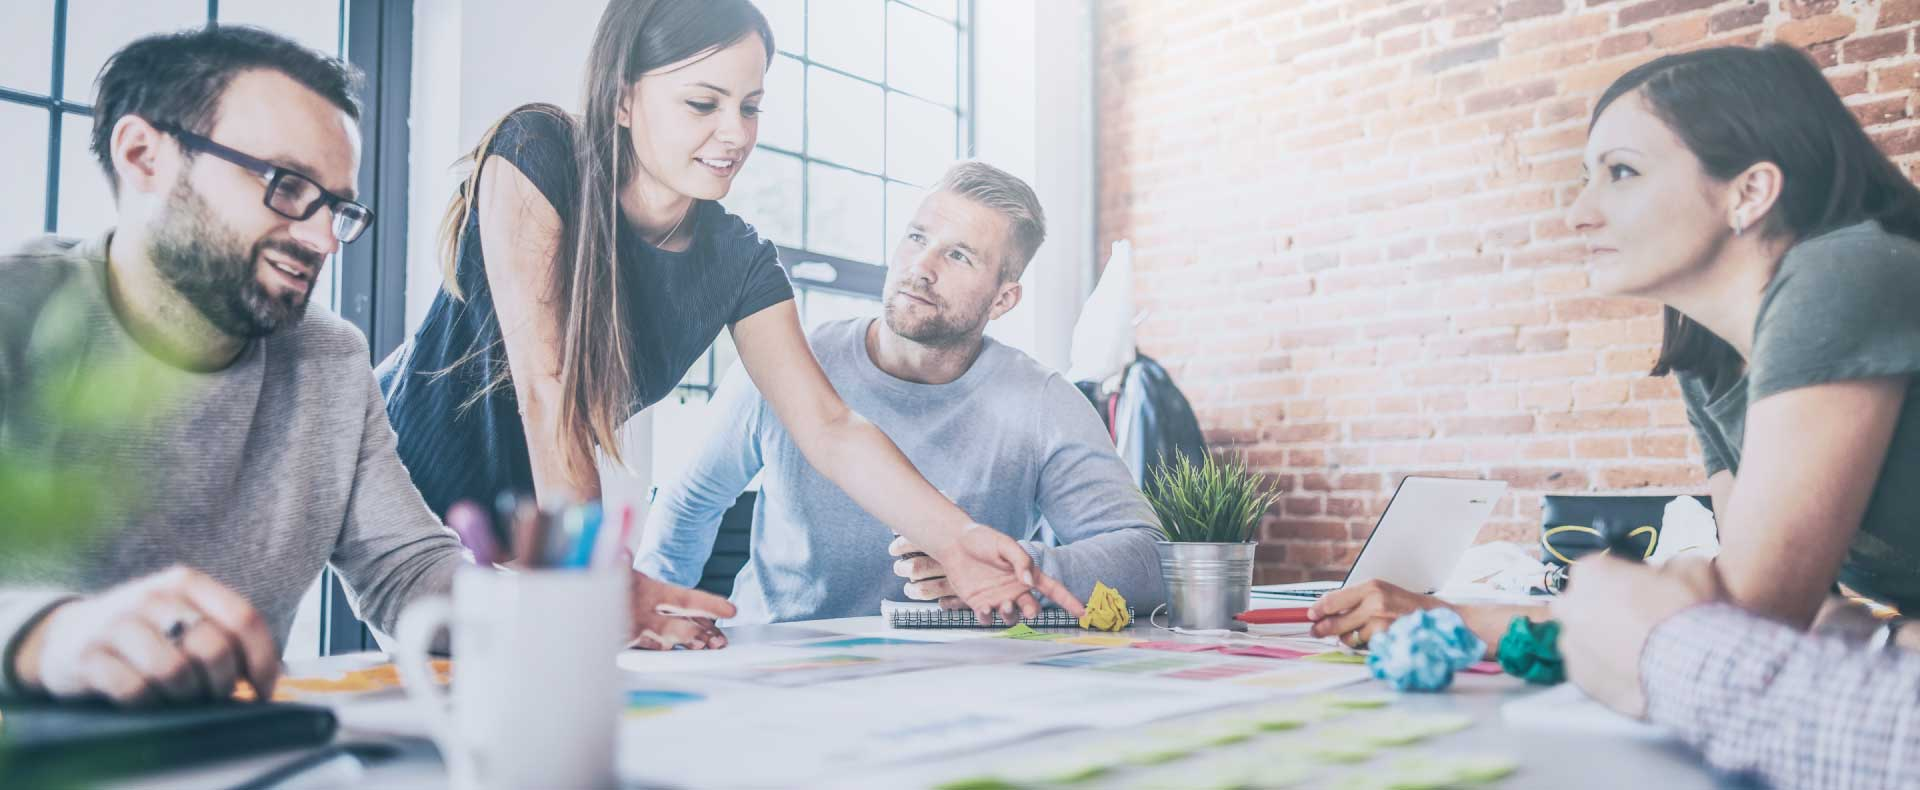 Flexib' vous offre des compétences clés sur la durée, en fonction de votre besoin et de votre budget